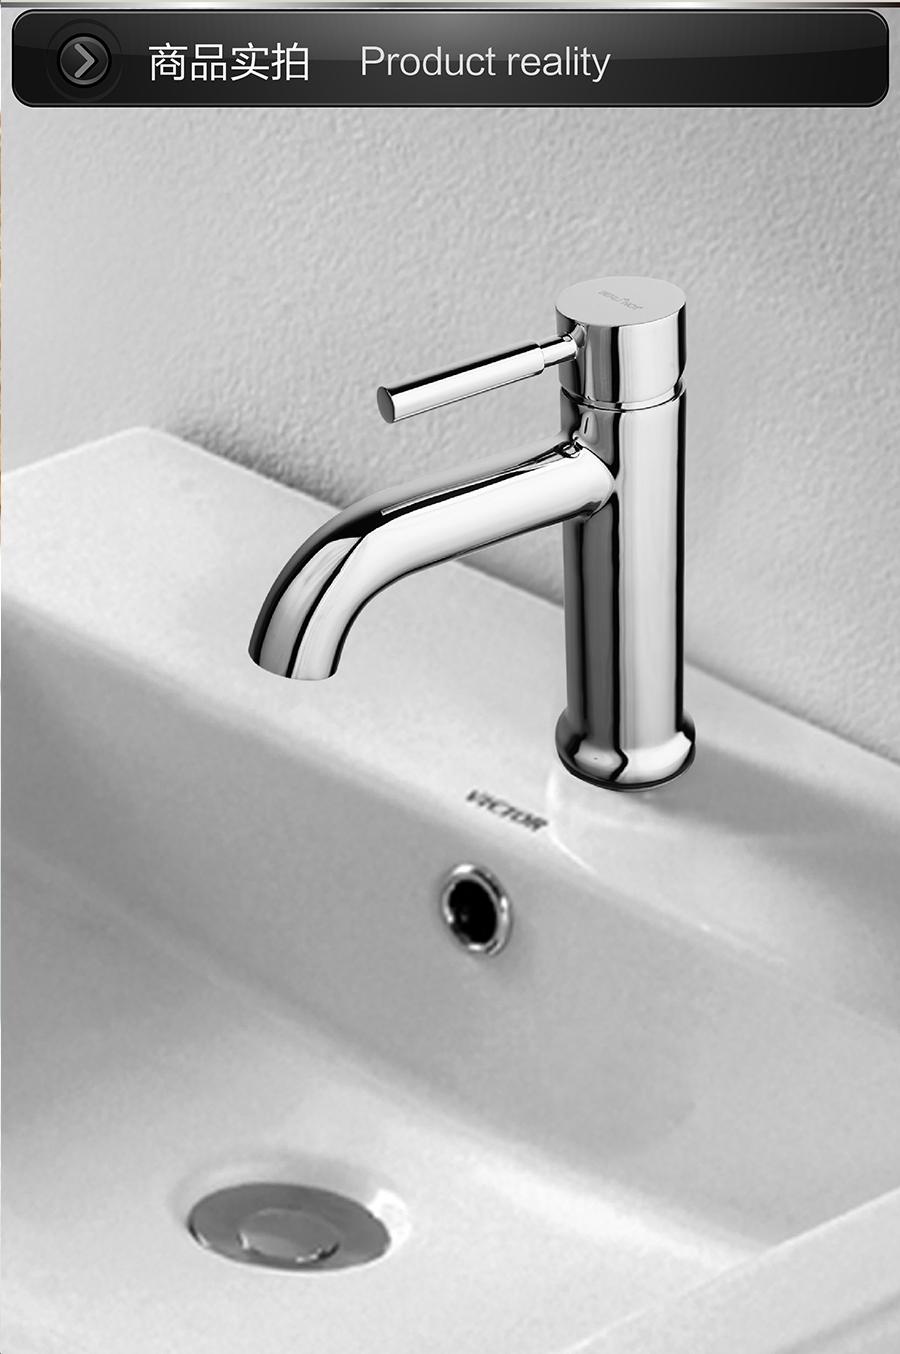 台盆面盆水龙头 浴室卫浴水龙头 冷热水洗脸洗手盆水龙头 家用全铜52单孔水龙头